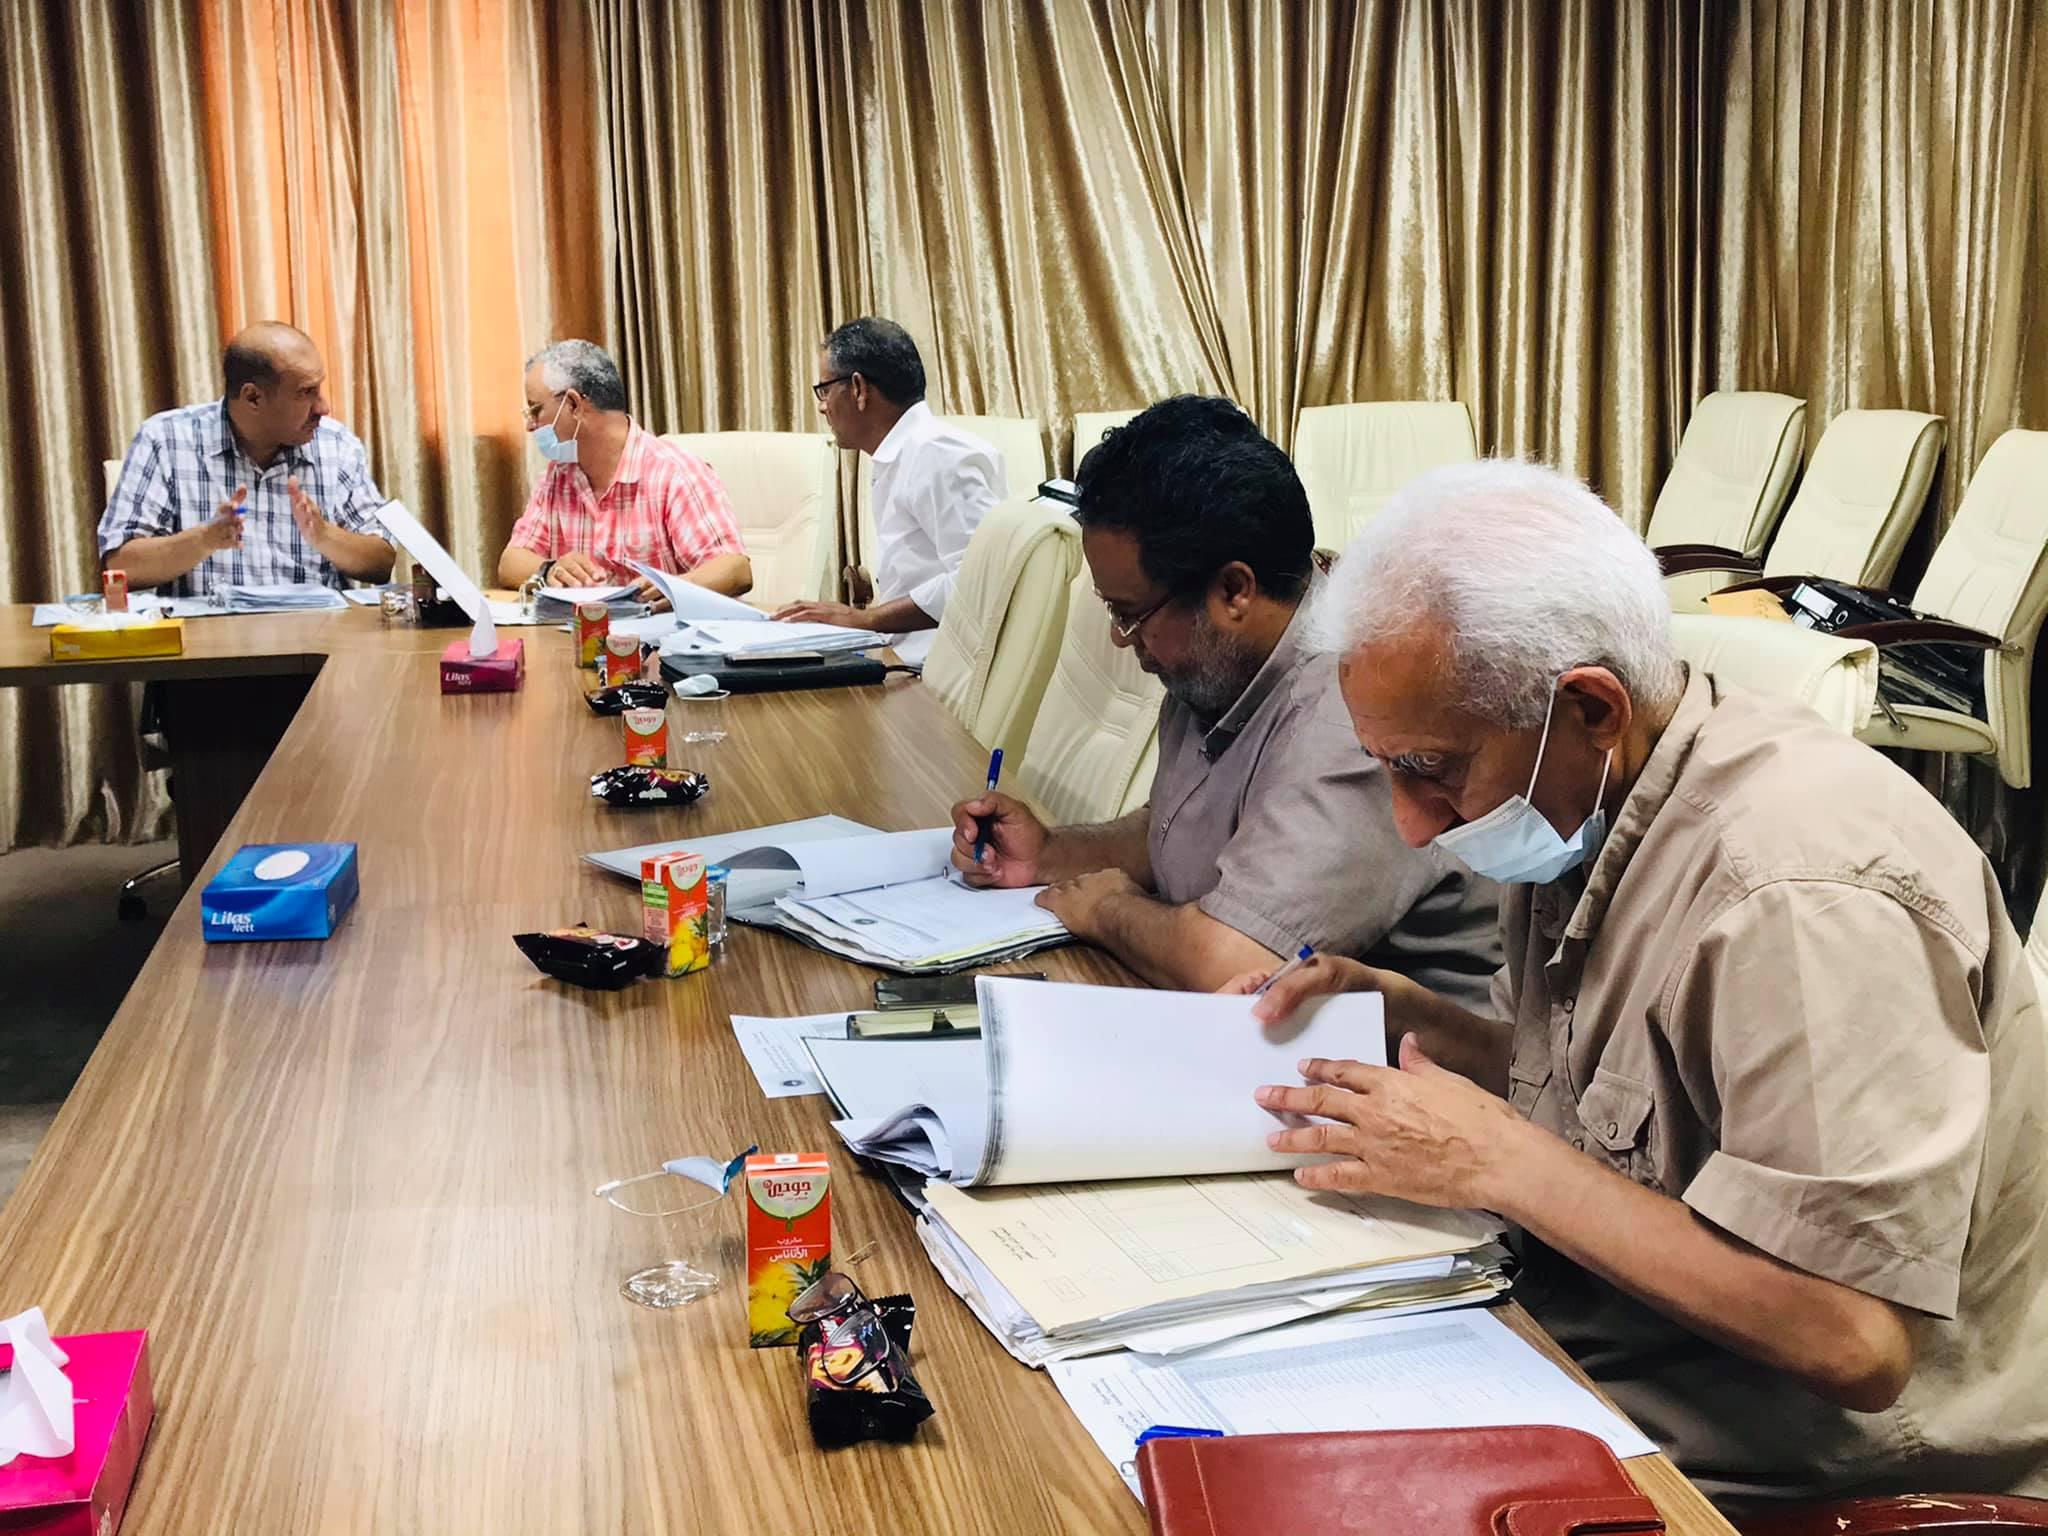 الاجتماع الثالث عشر للجنة شؤون أعضاء هيئة التدريس بجامعة صبراته